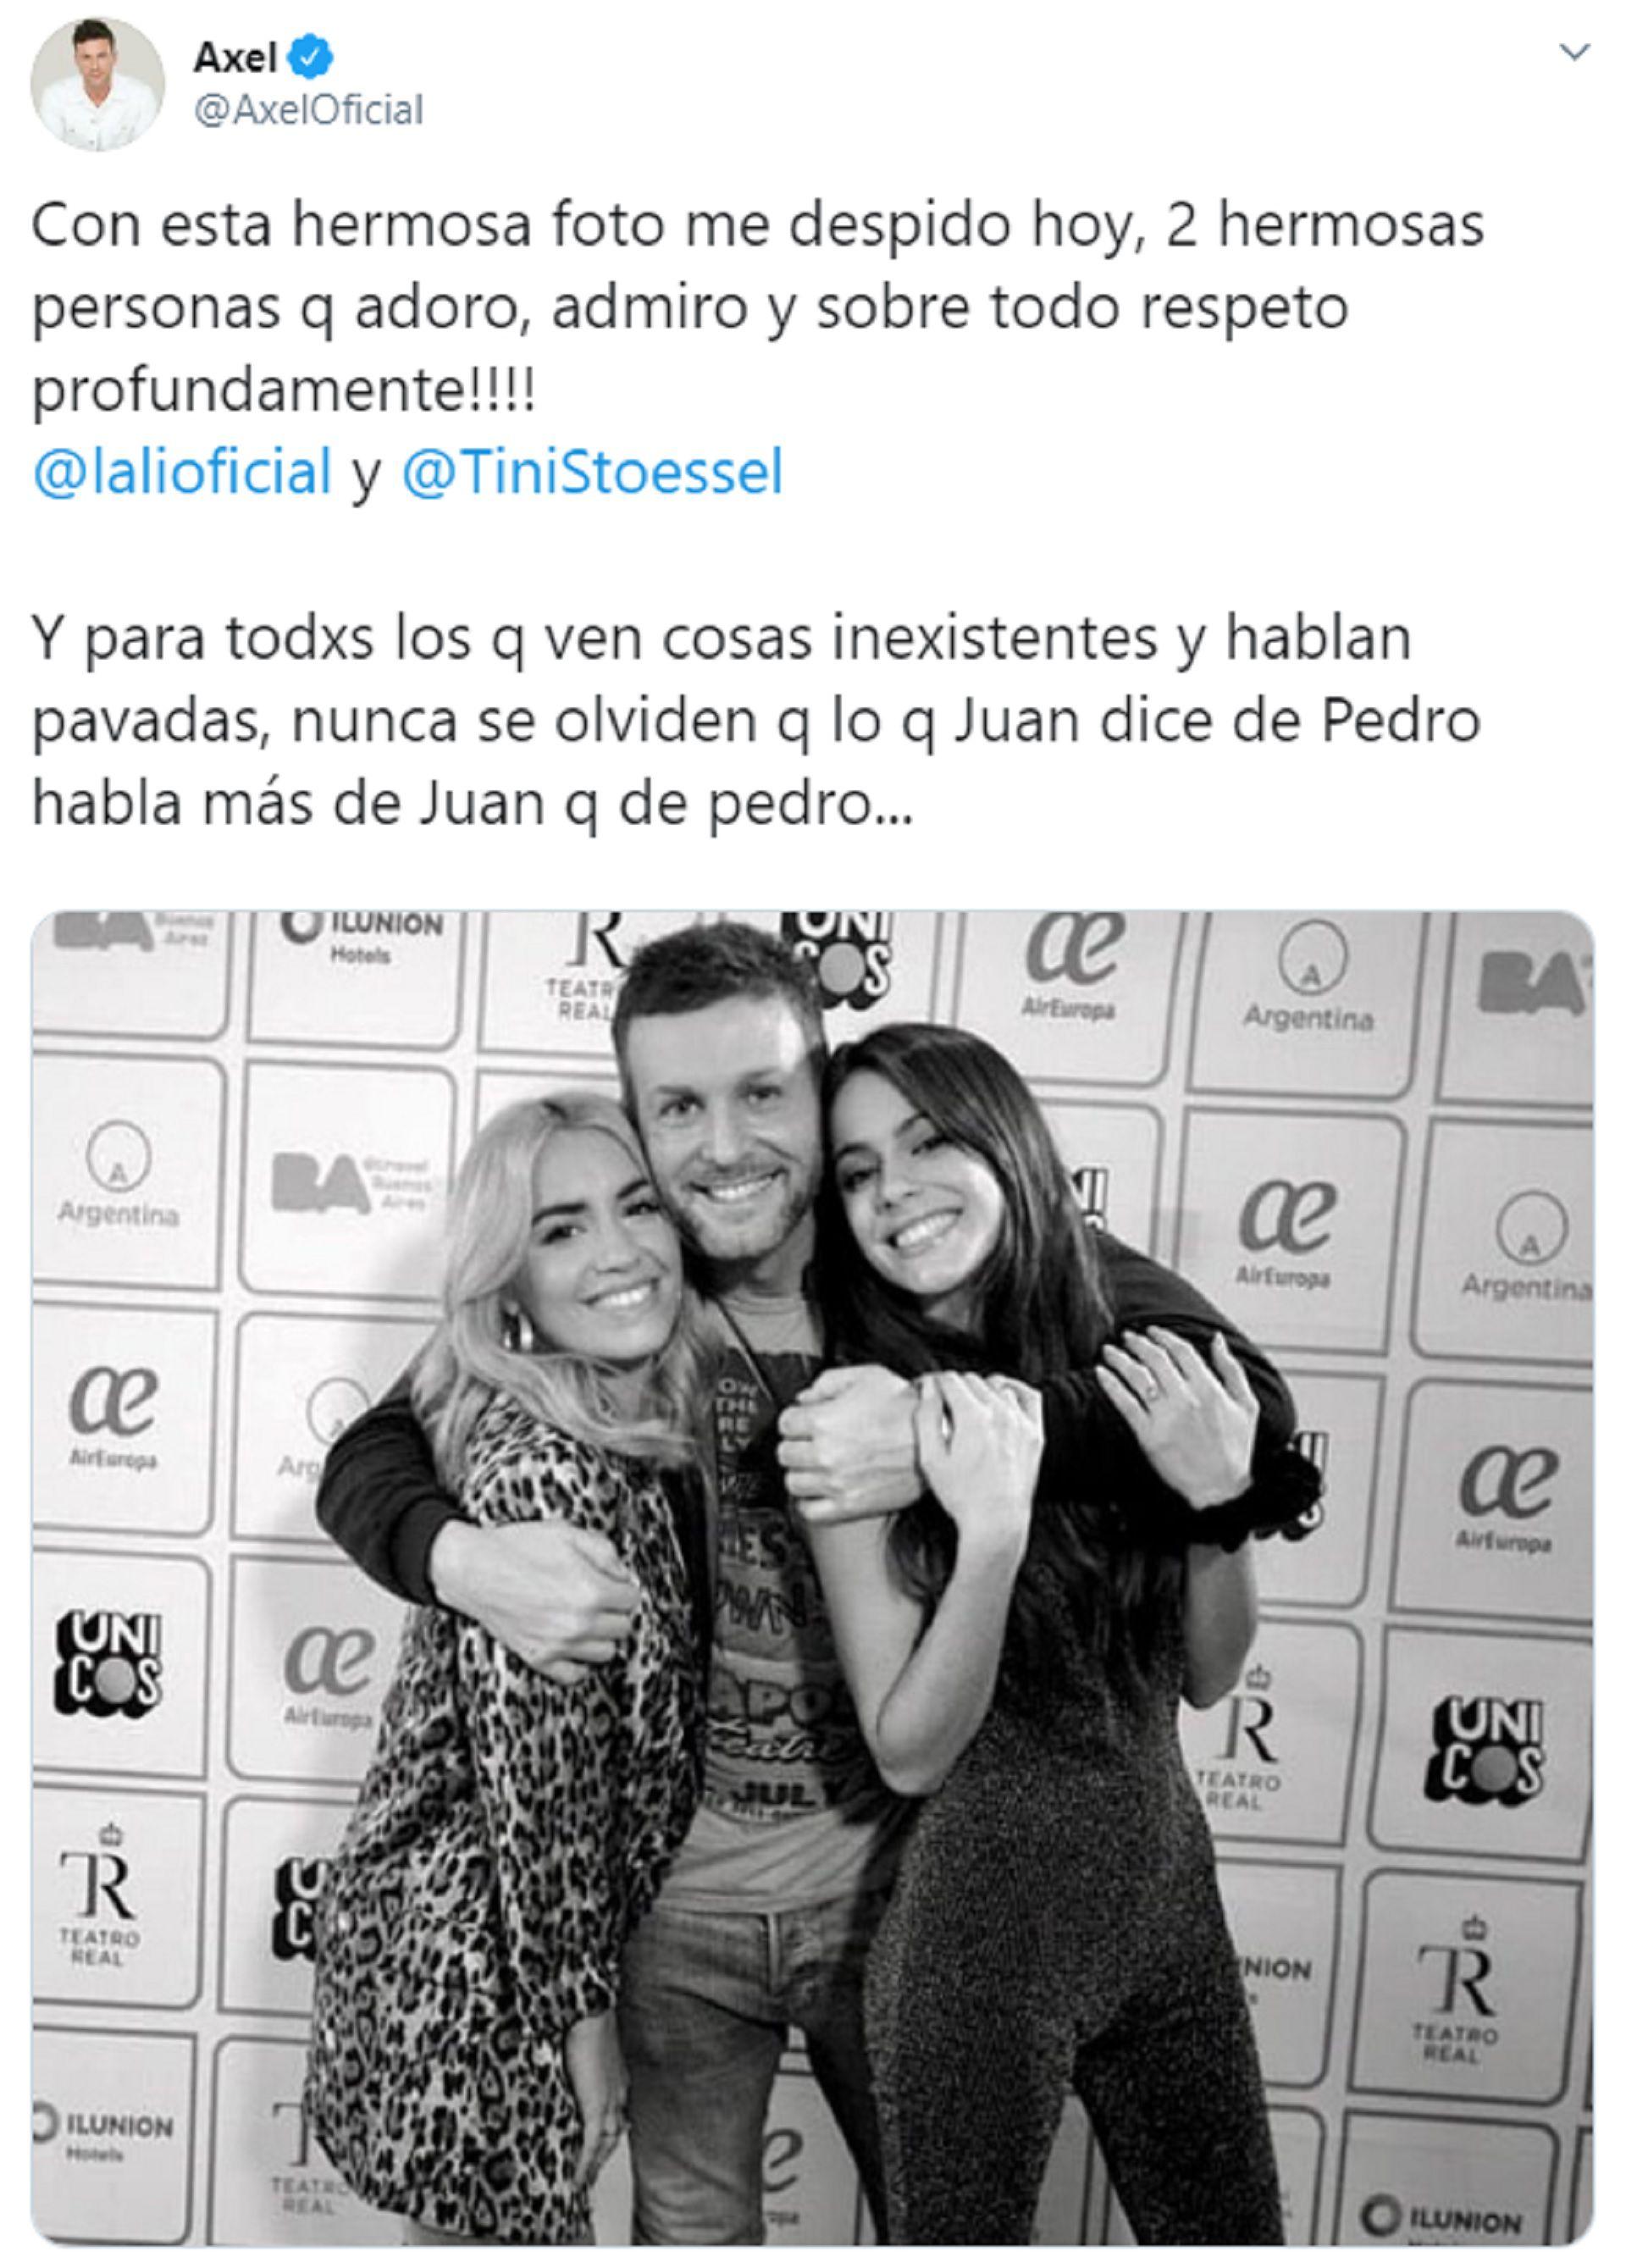 La publicación de Axel, tras las repercusiones en las redes de su abrazo con Tini